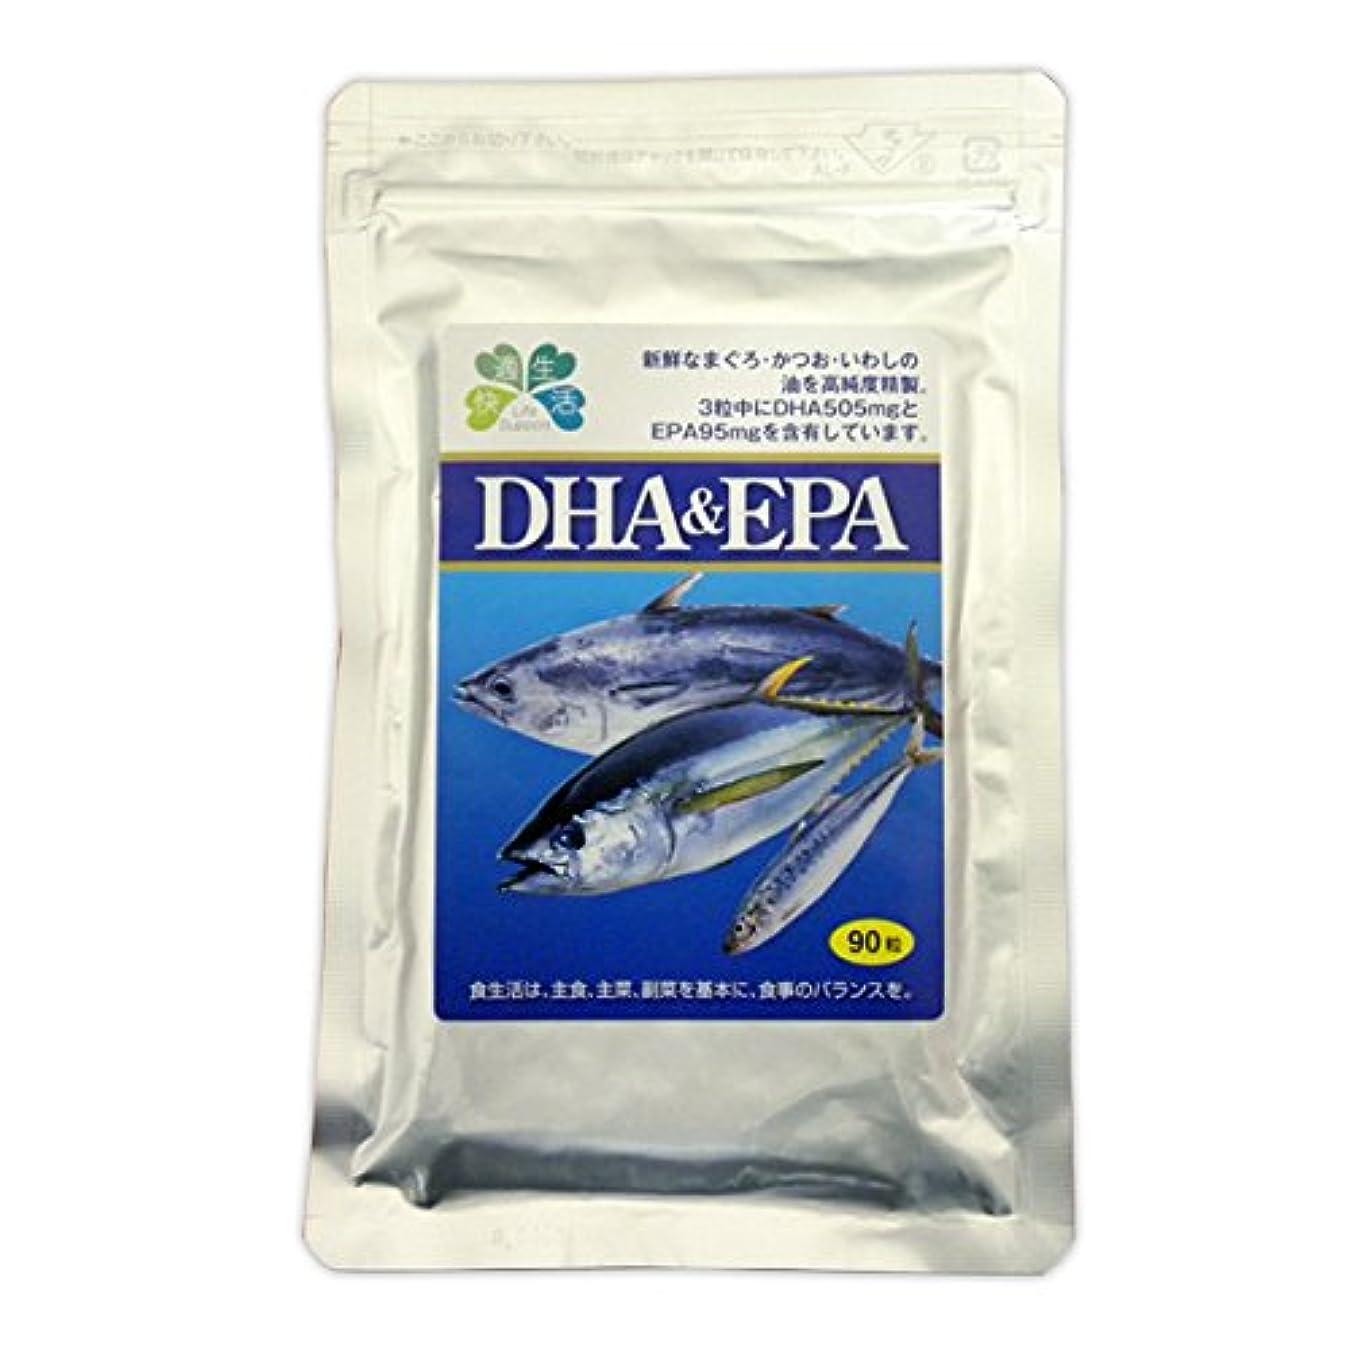 許すダース重々しい快適生活 DHA&EPA 4袋